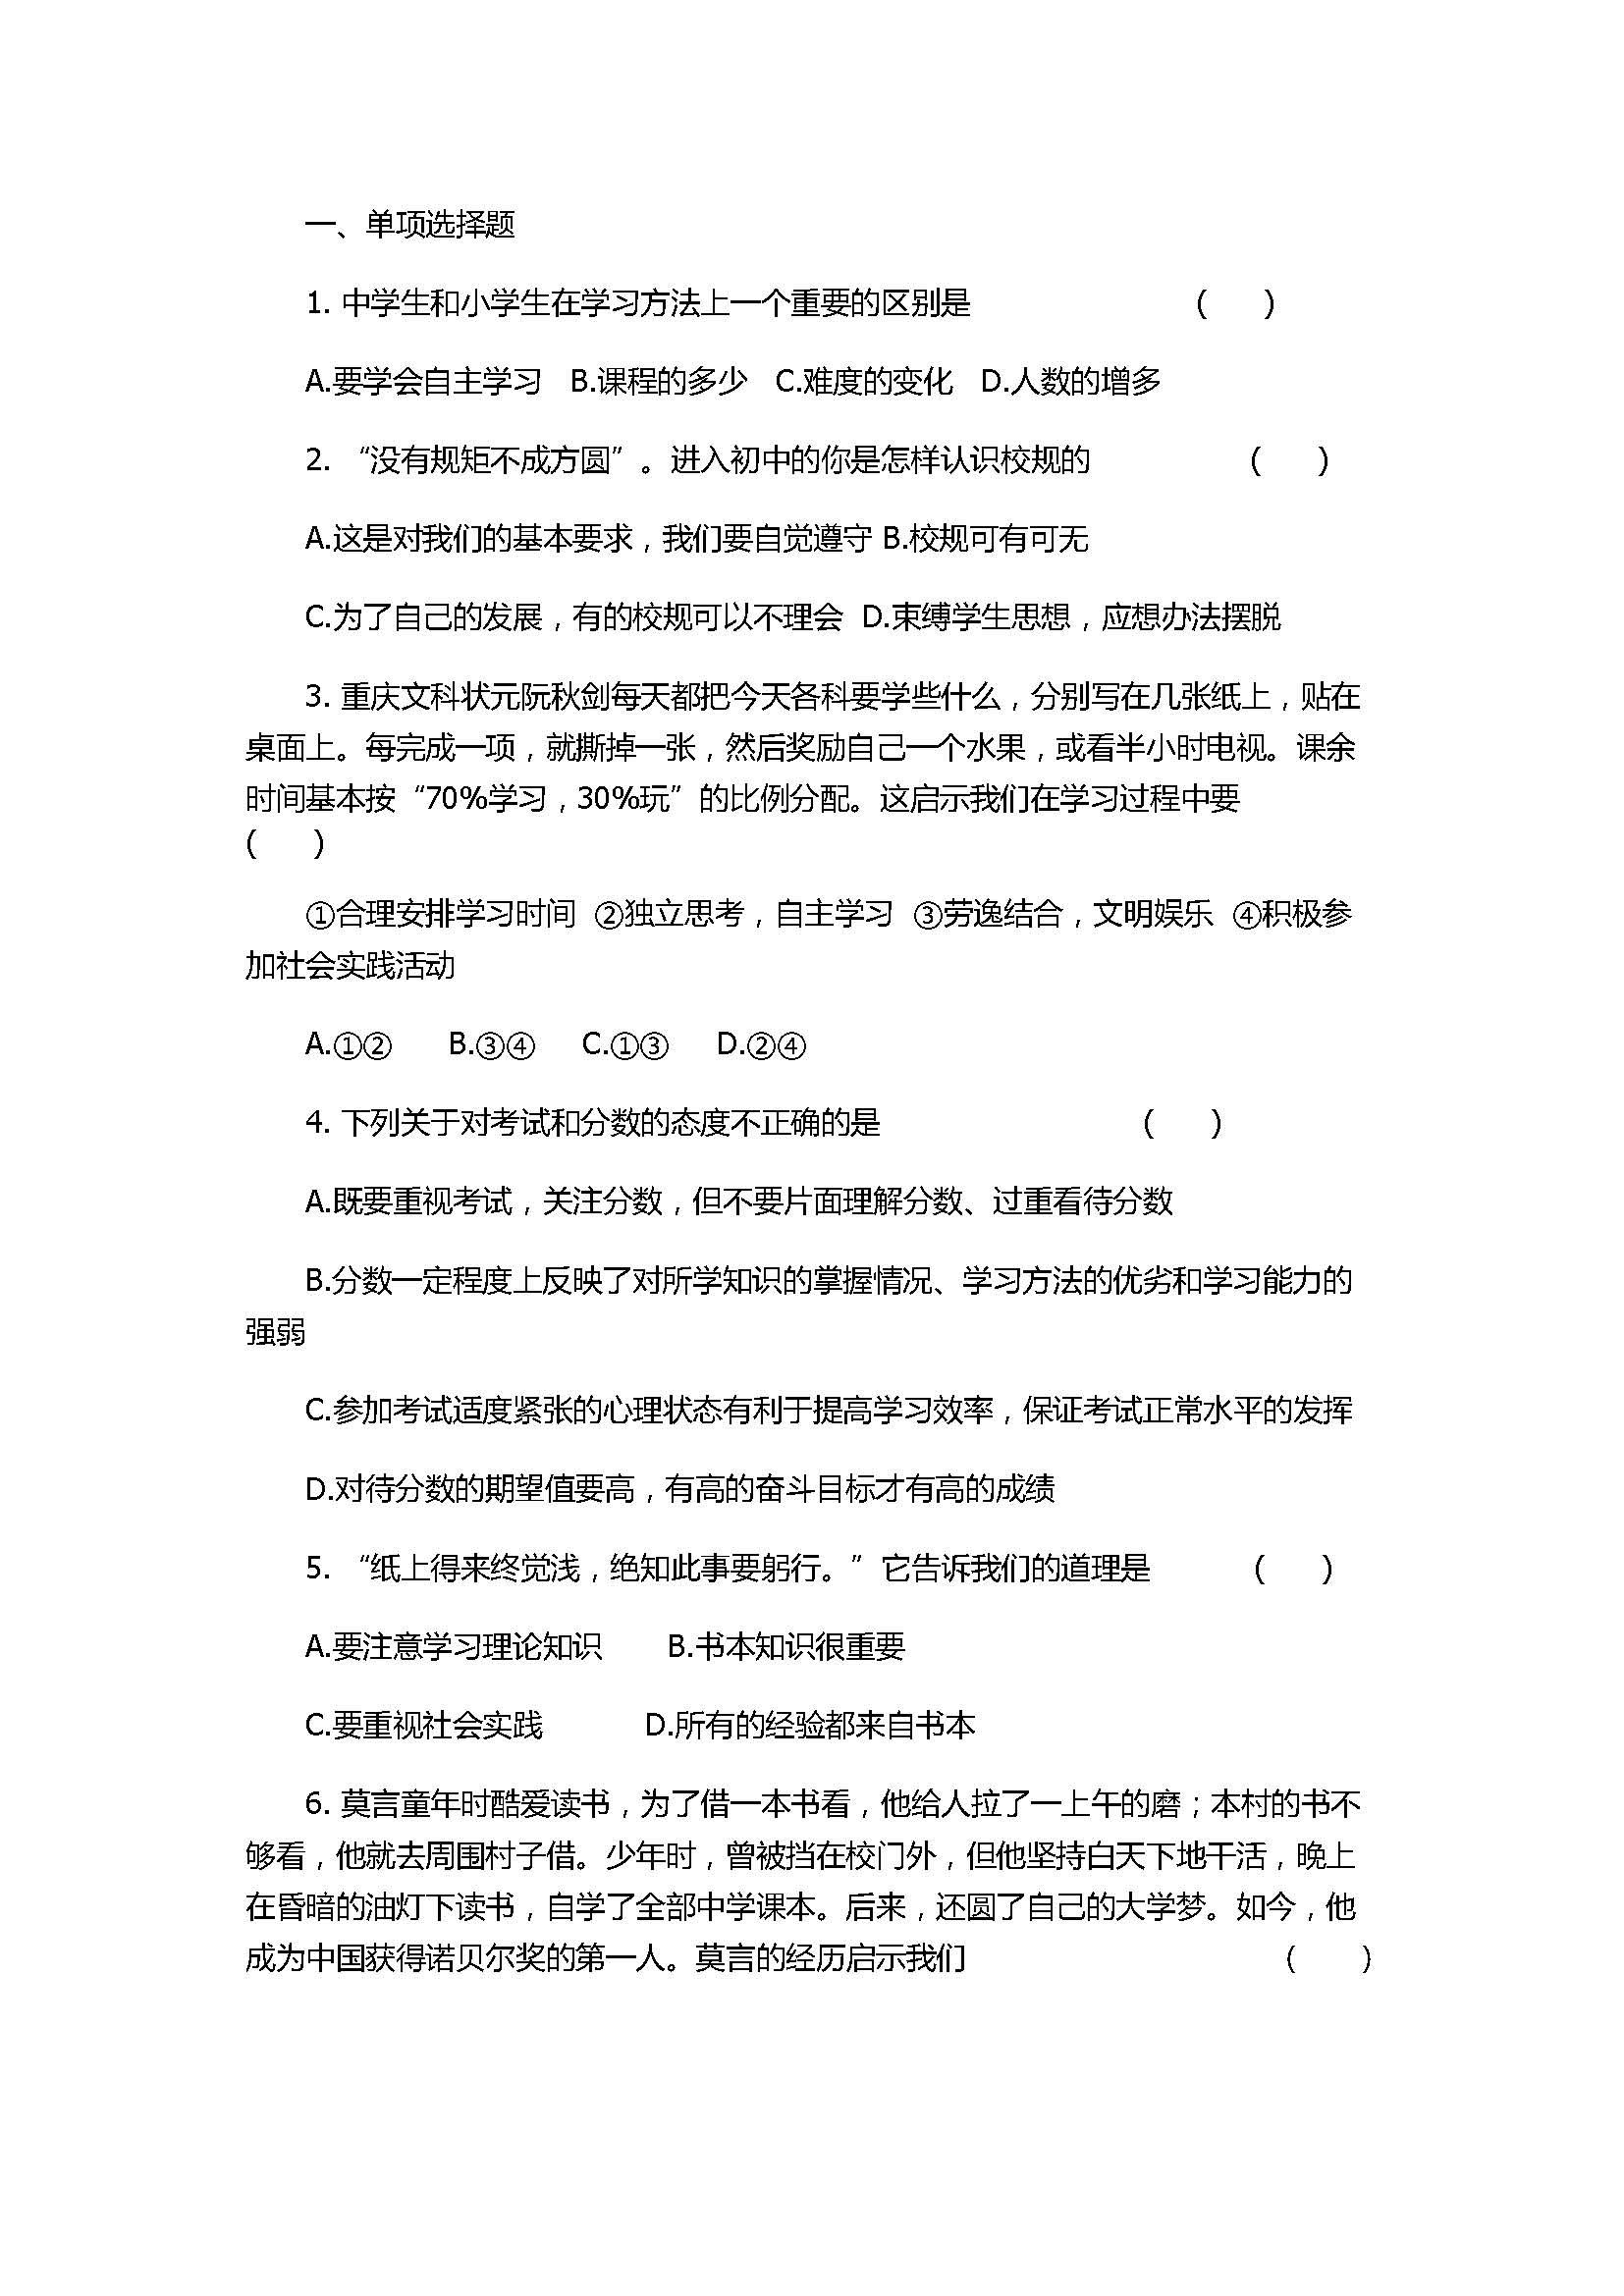 2017七年级道德与法治期末复习题含答案(乐山市沐川县)